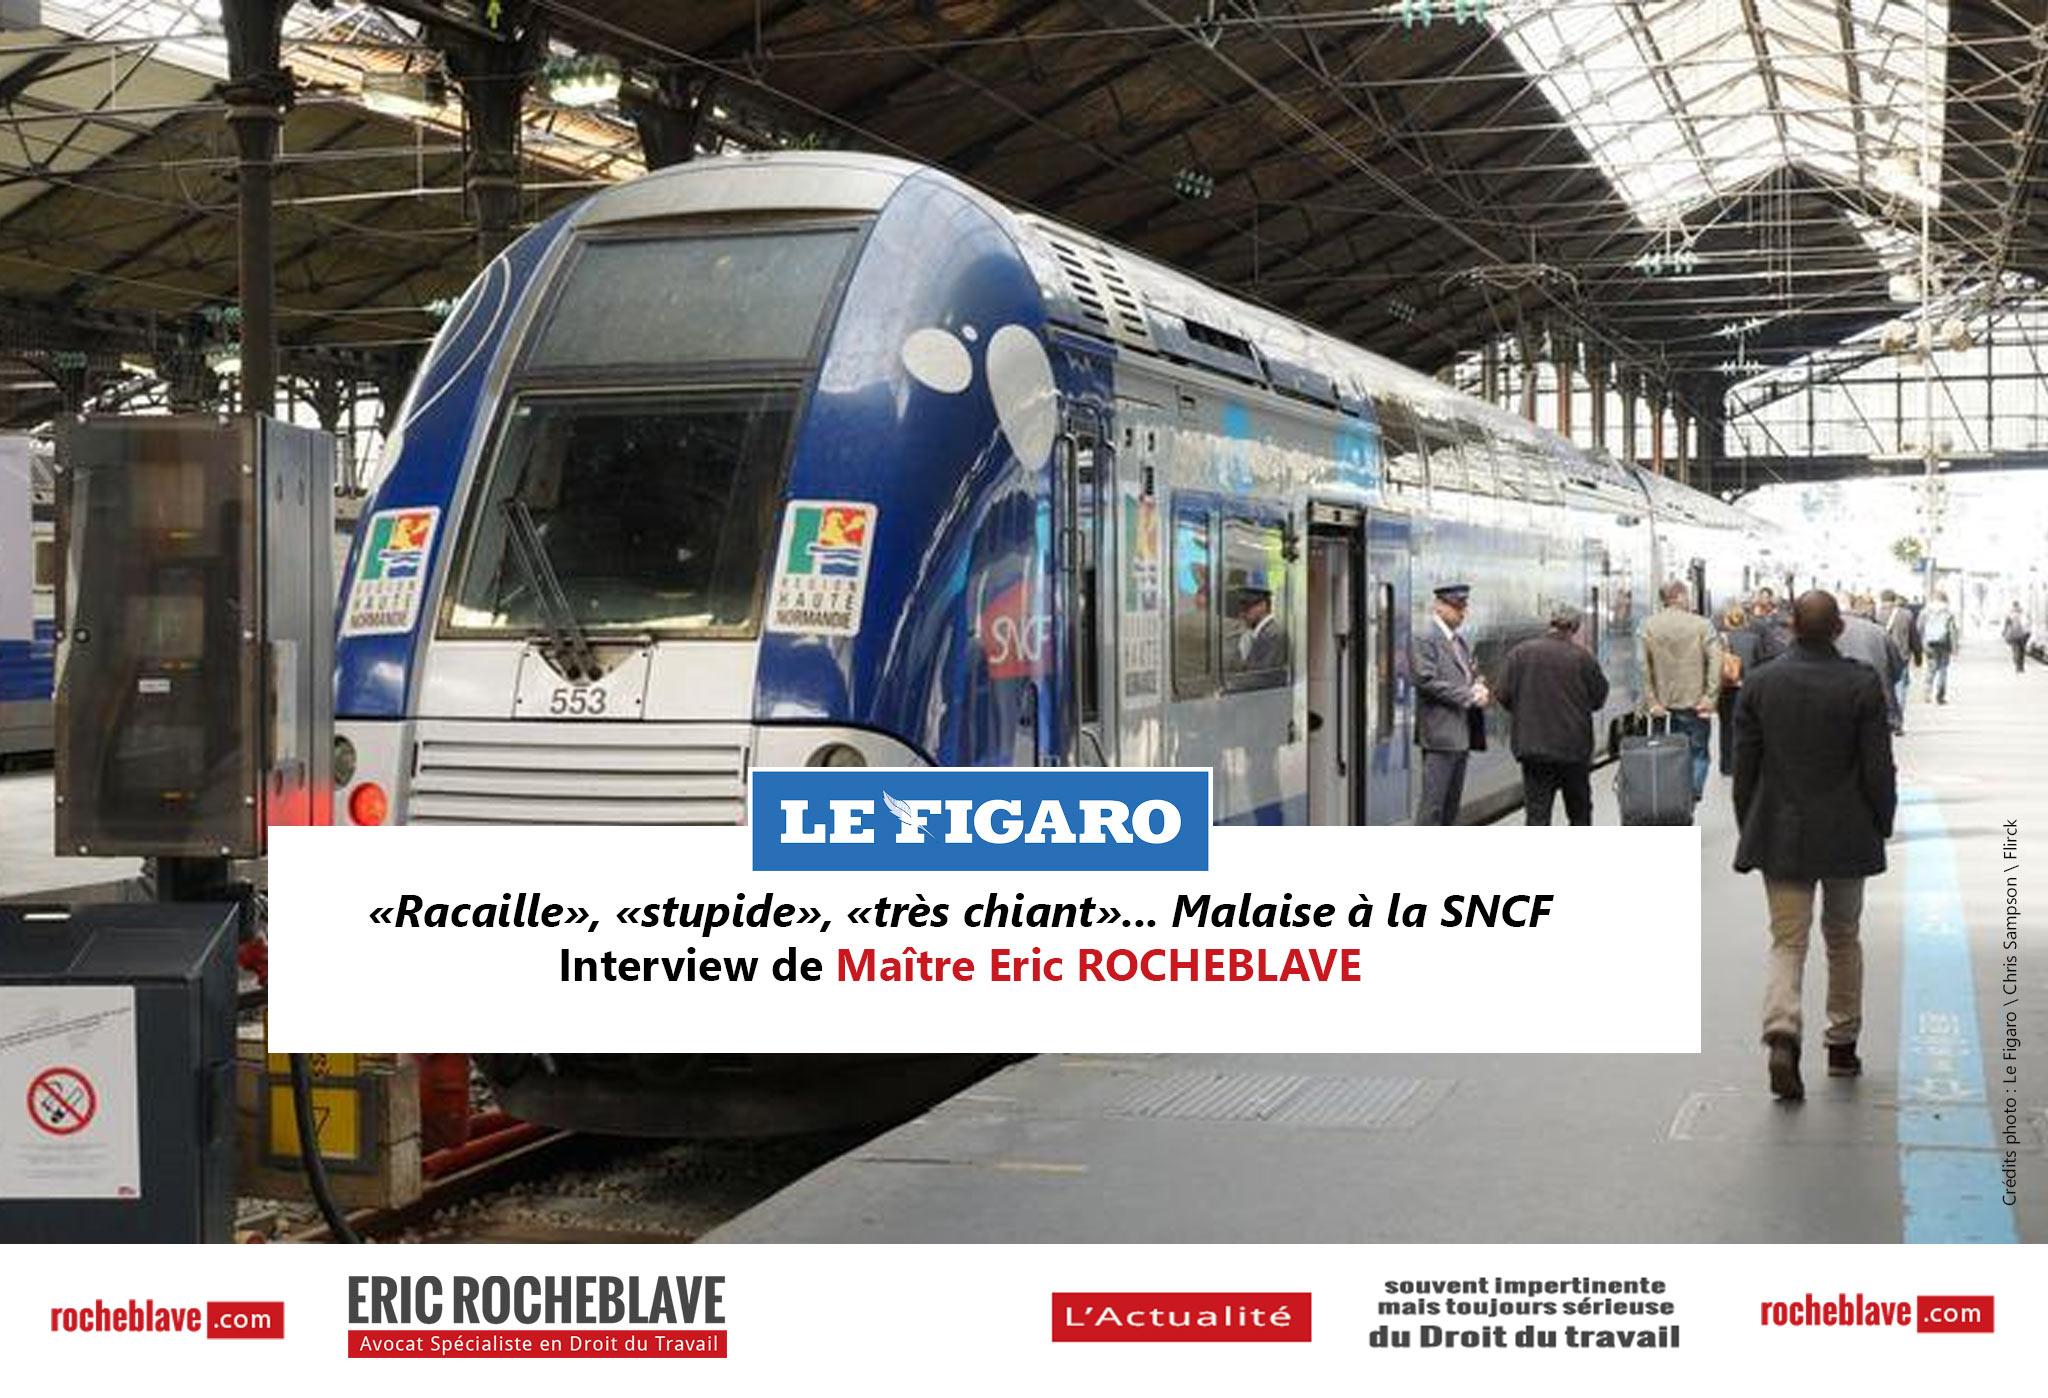 «Racaille», «stupide», «très chiant»… Malaise à la SNCF | Interview de Maître Eric ROCHEBLAVE – Le Figaro